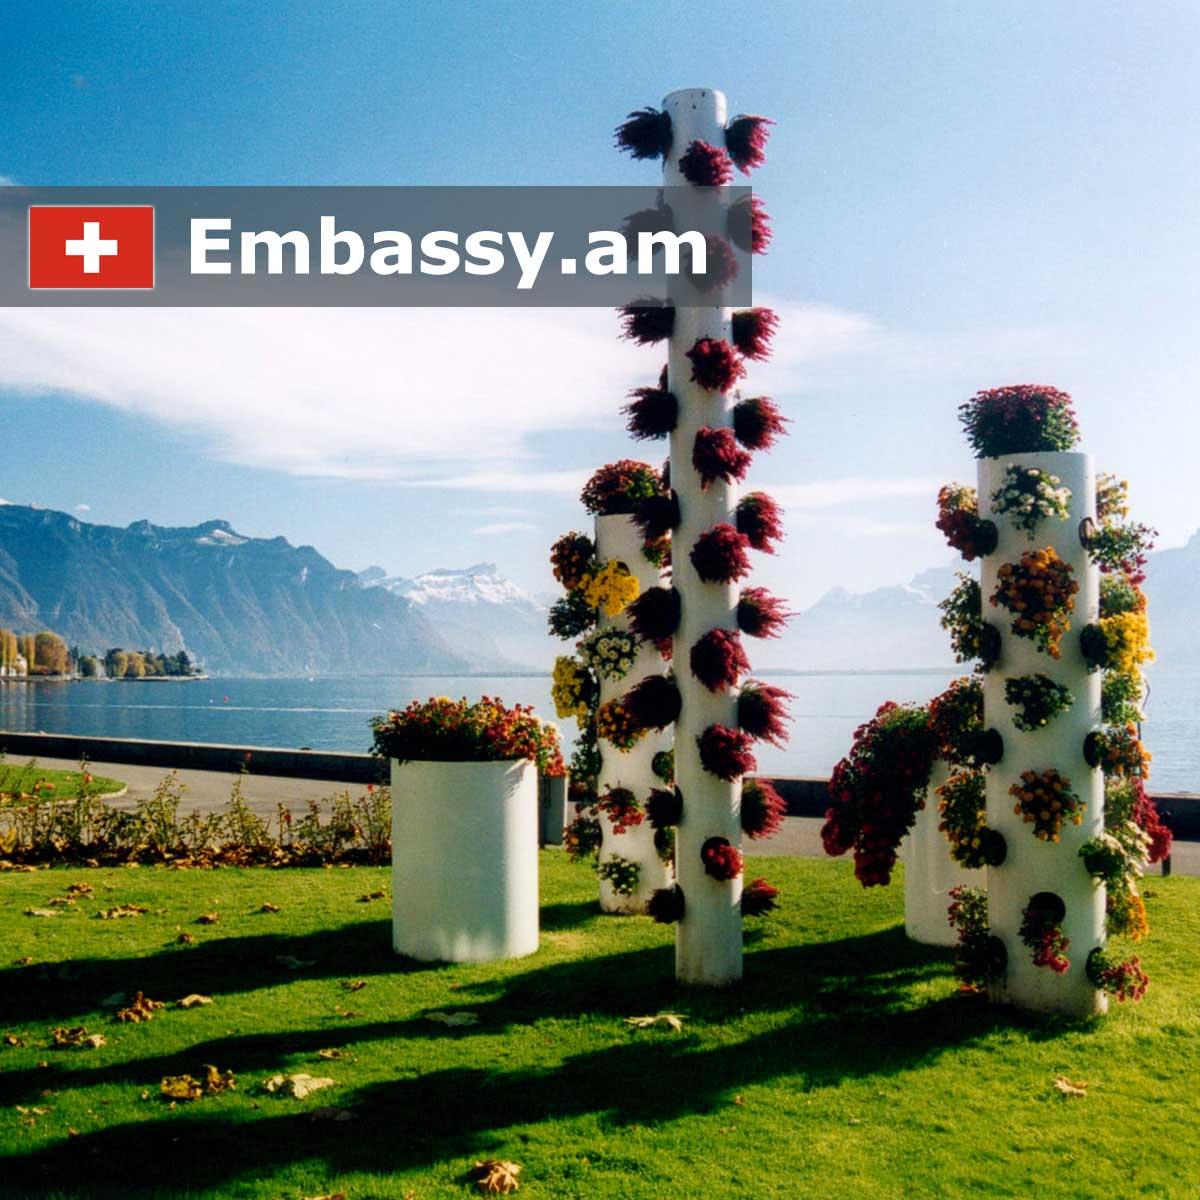 Лозанна - Отели в Швейцарии - Embassy.am